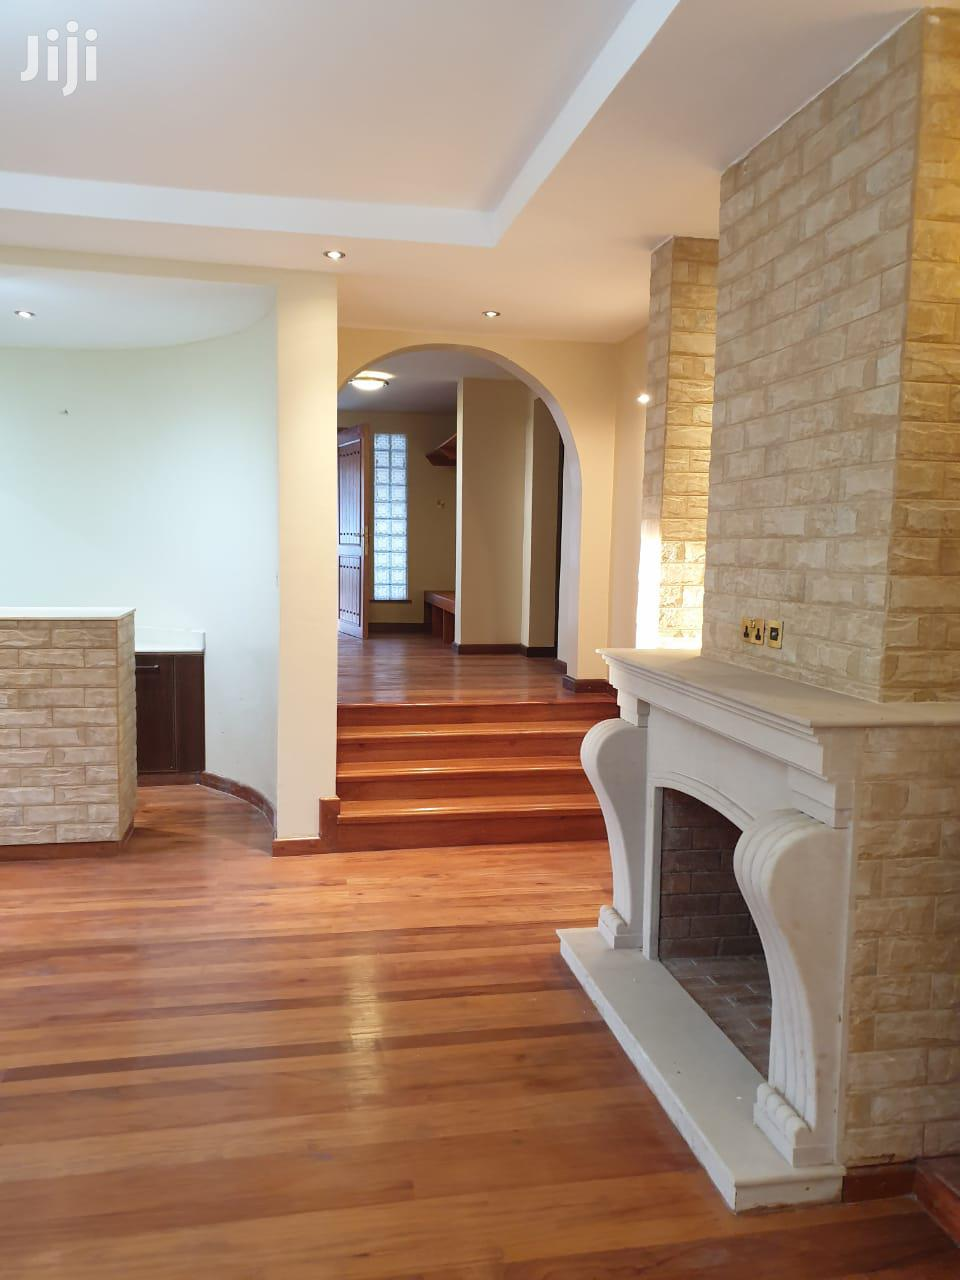 Karen House for Sale | Houses & Apartments For Sale for sale in Karen, Nairobi, Kenya